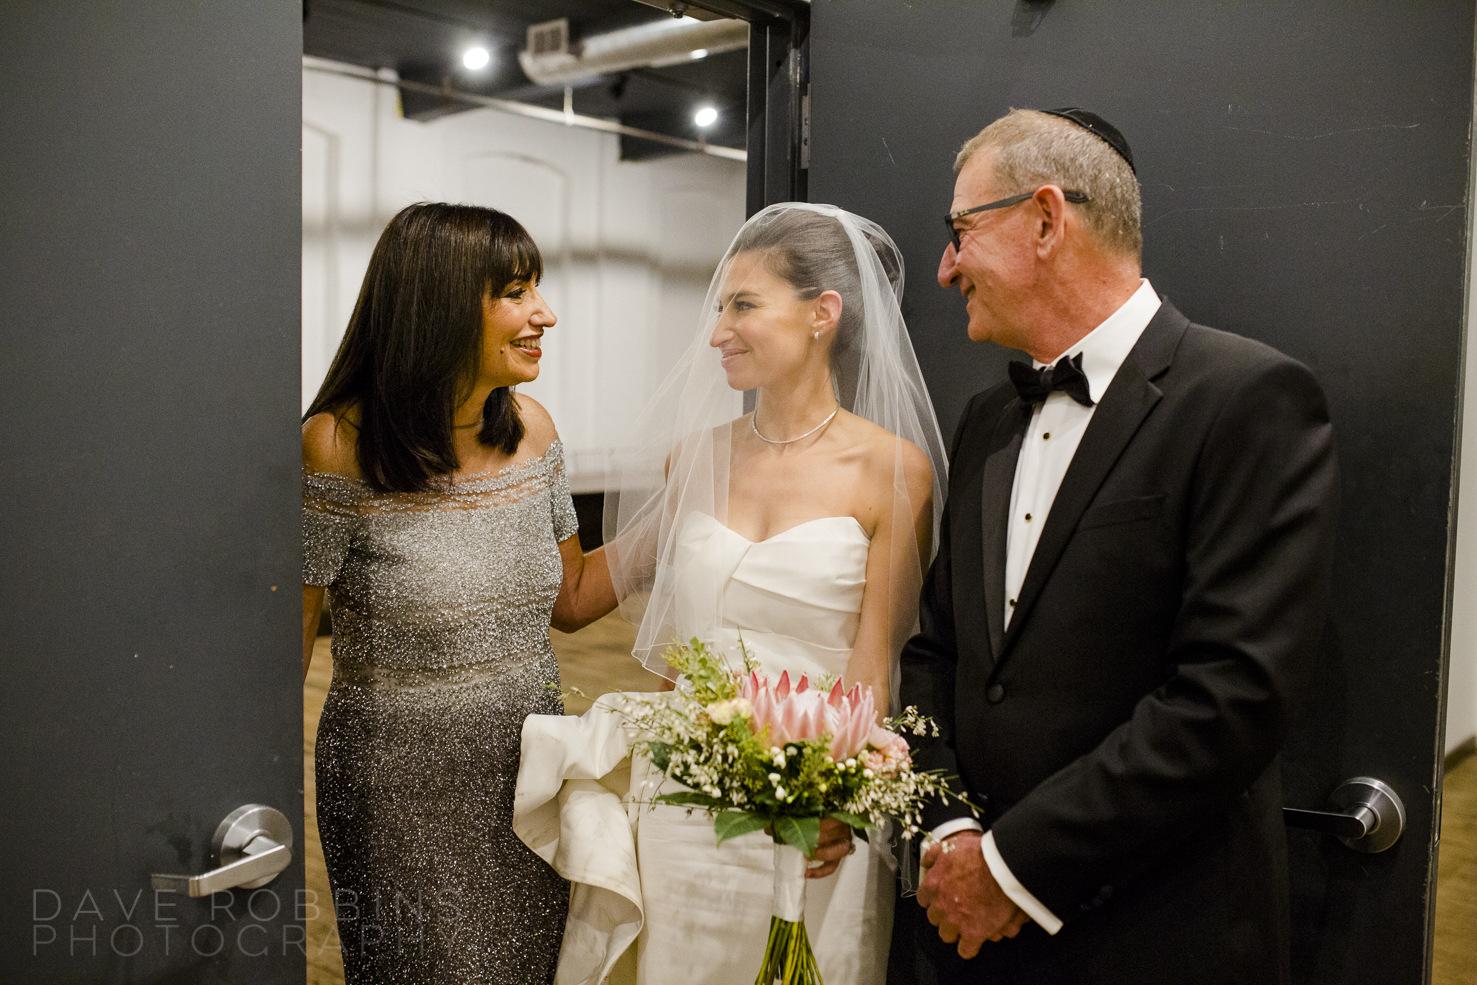 EVENTI HOTEL WEDDING -0057.jpg